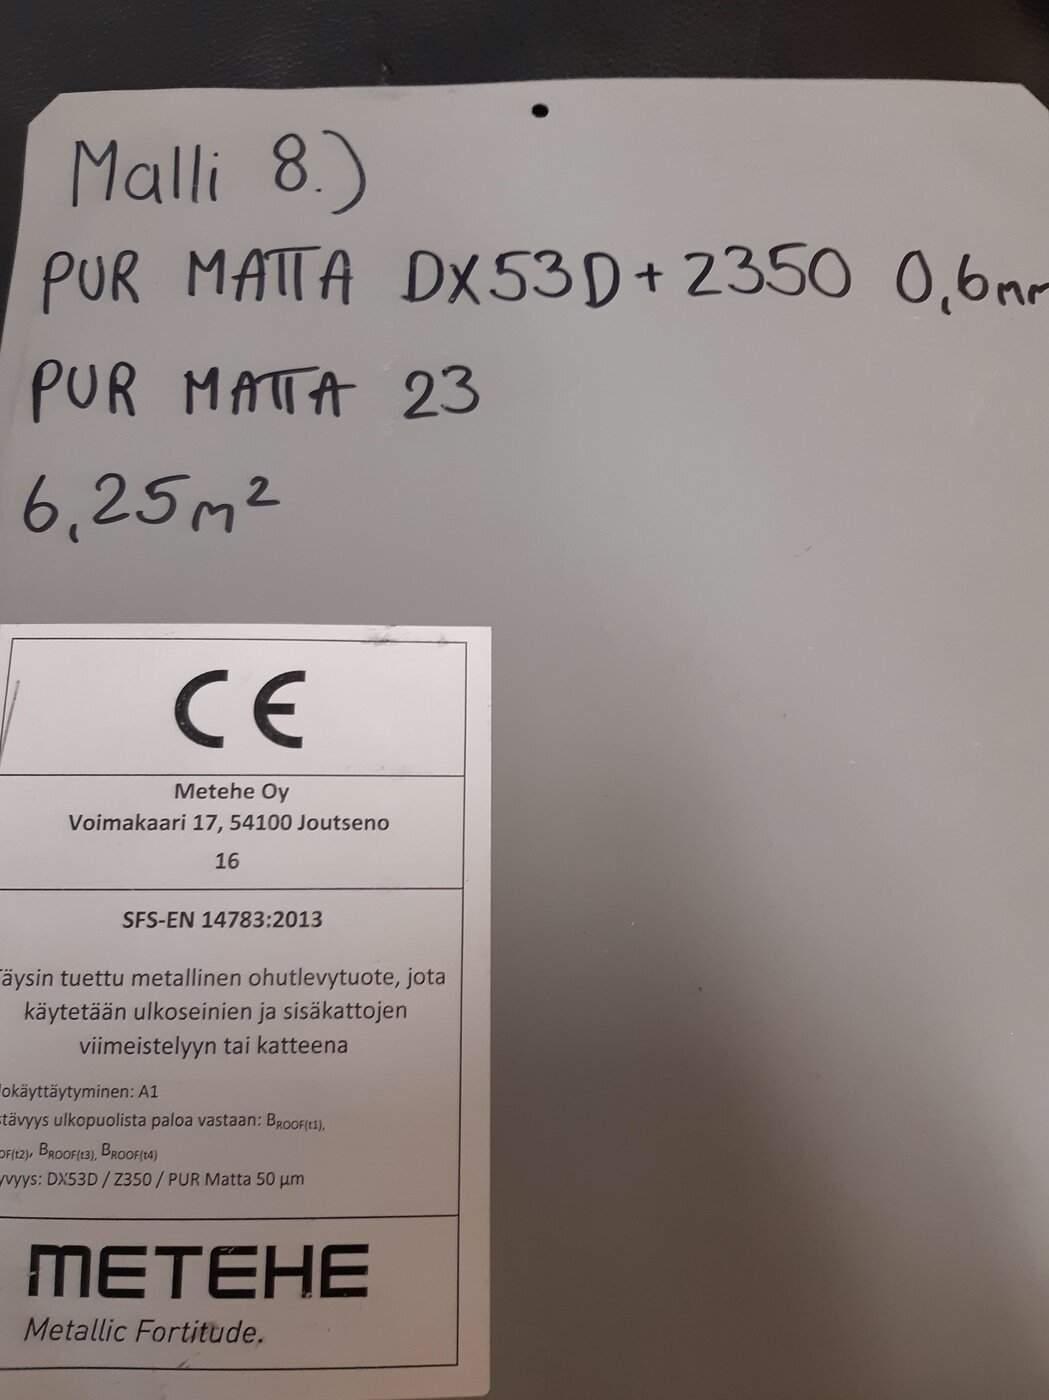 DAEFAA9B-D9DD-4882-B1D1-E3B178DA5A41.jpeg